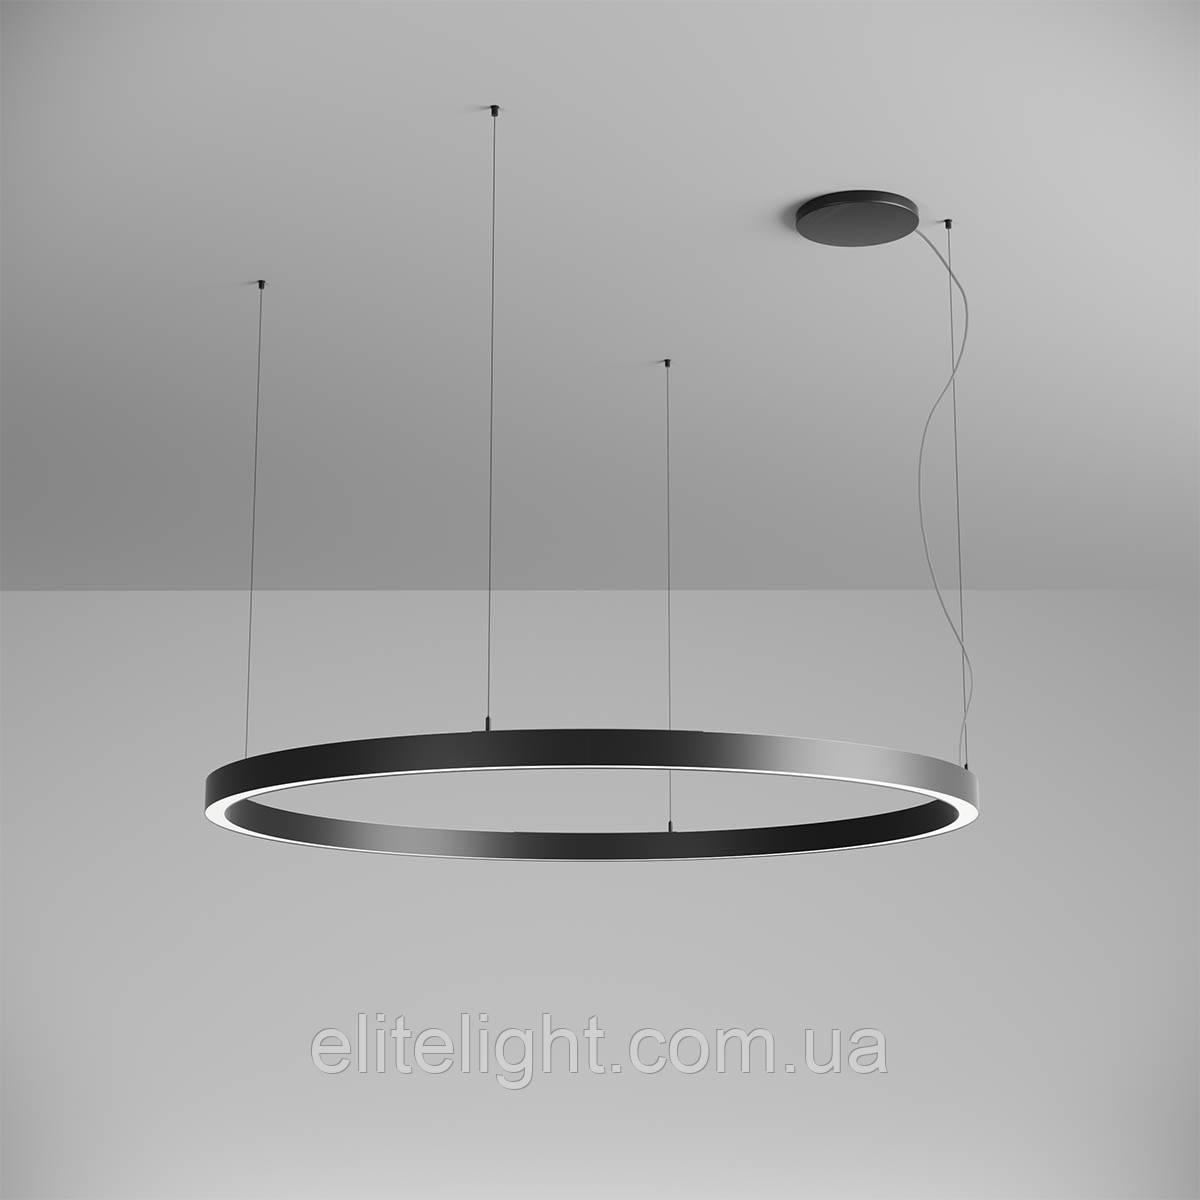 Подвесной светильник Arelux Xambit Black